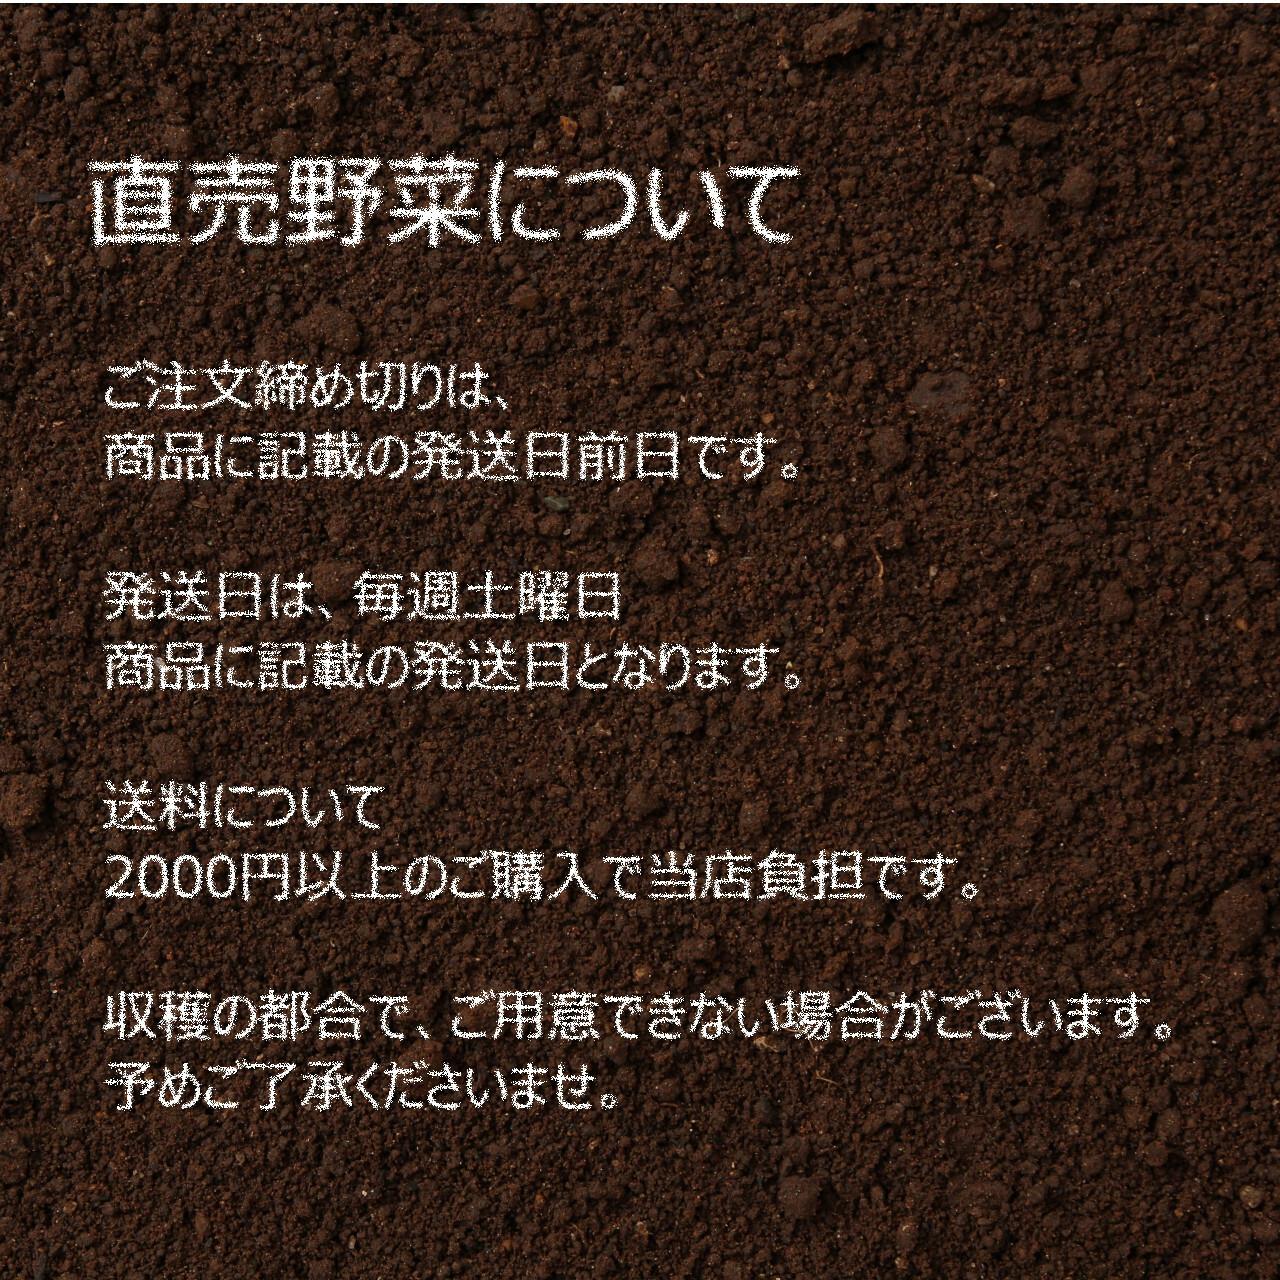 ミョウガ 約150g 朝採り直売野菜 7月の新鮮な夏野菜  7月13日発送予定